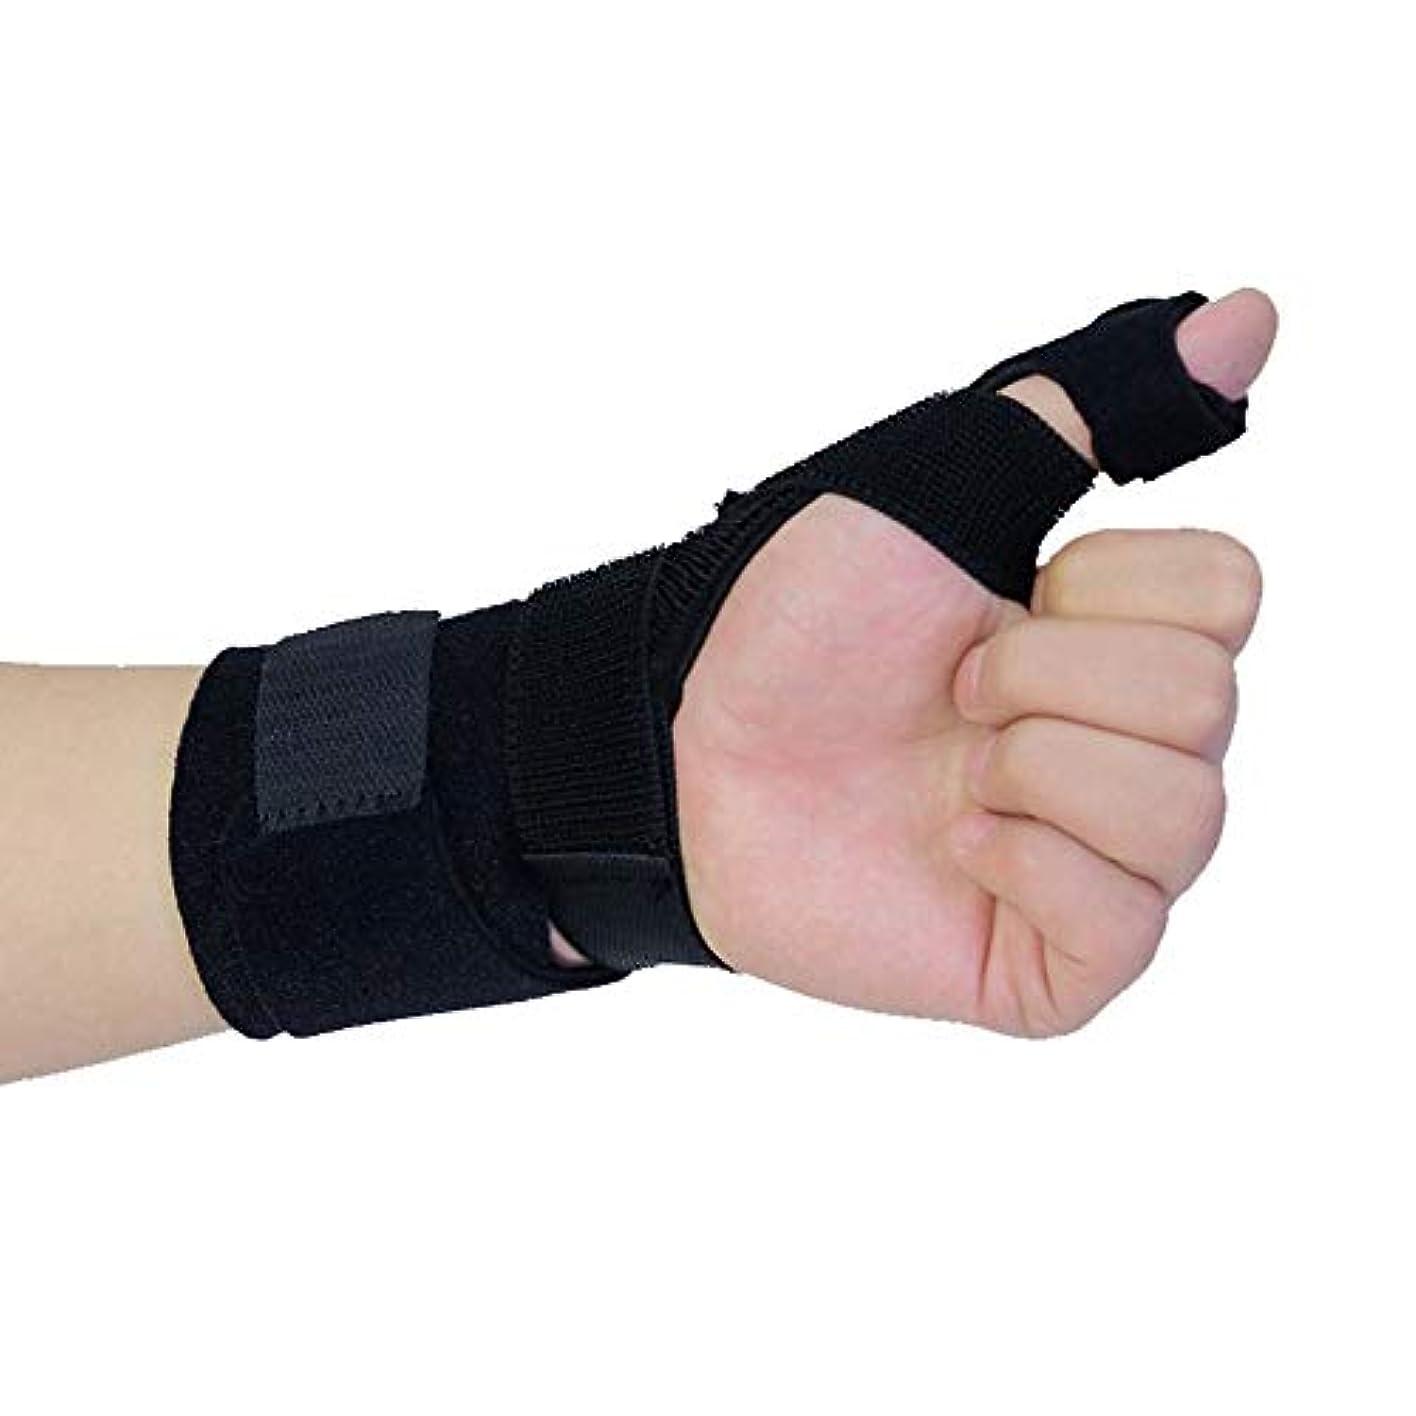 敬意頬骨講師関節炎、腱炎、手根管の痛みの軽減、軽量で 調節可能なサイズに適した調節可能な親指装具プロテクター